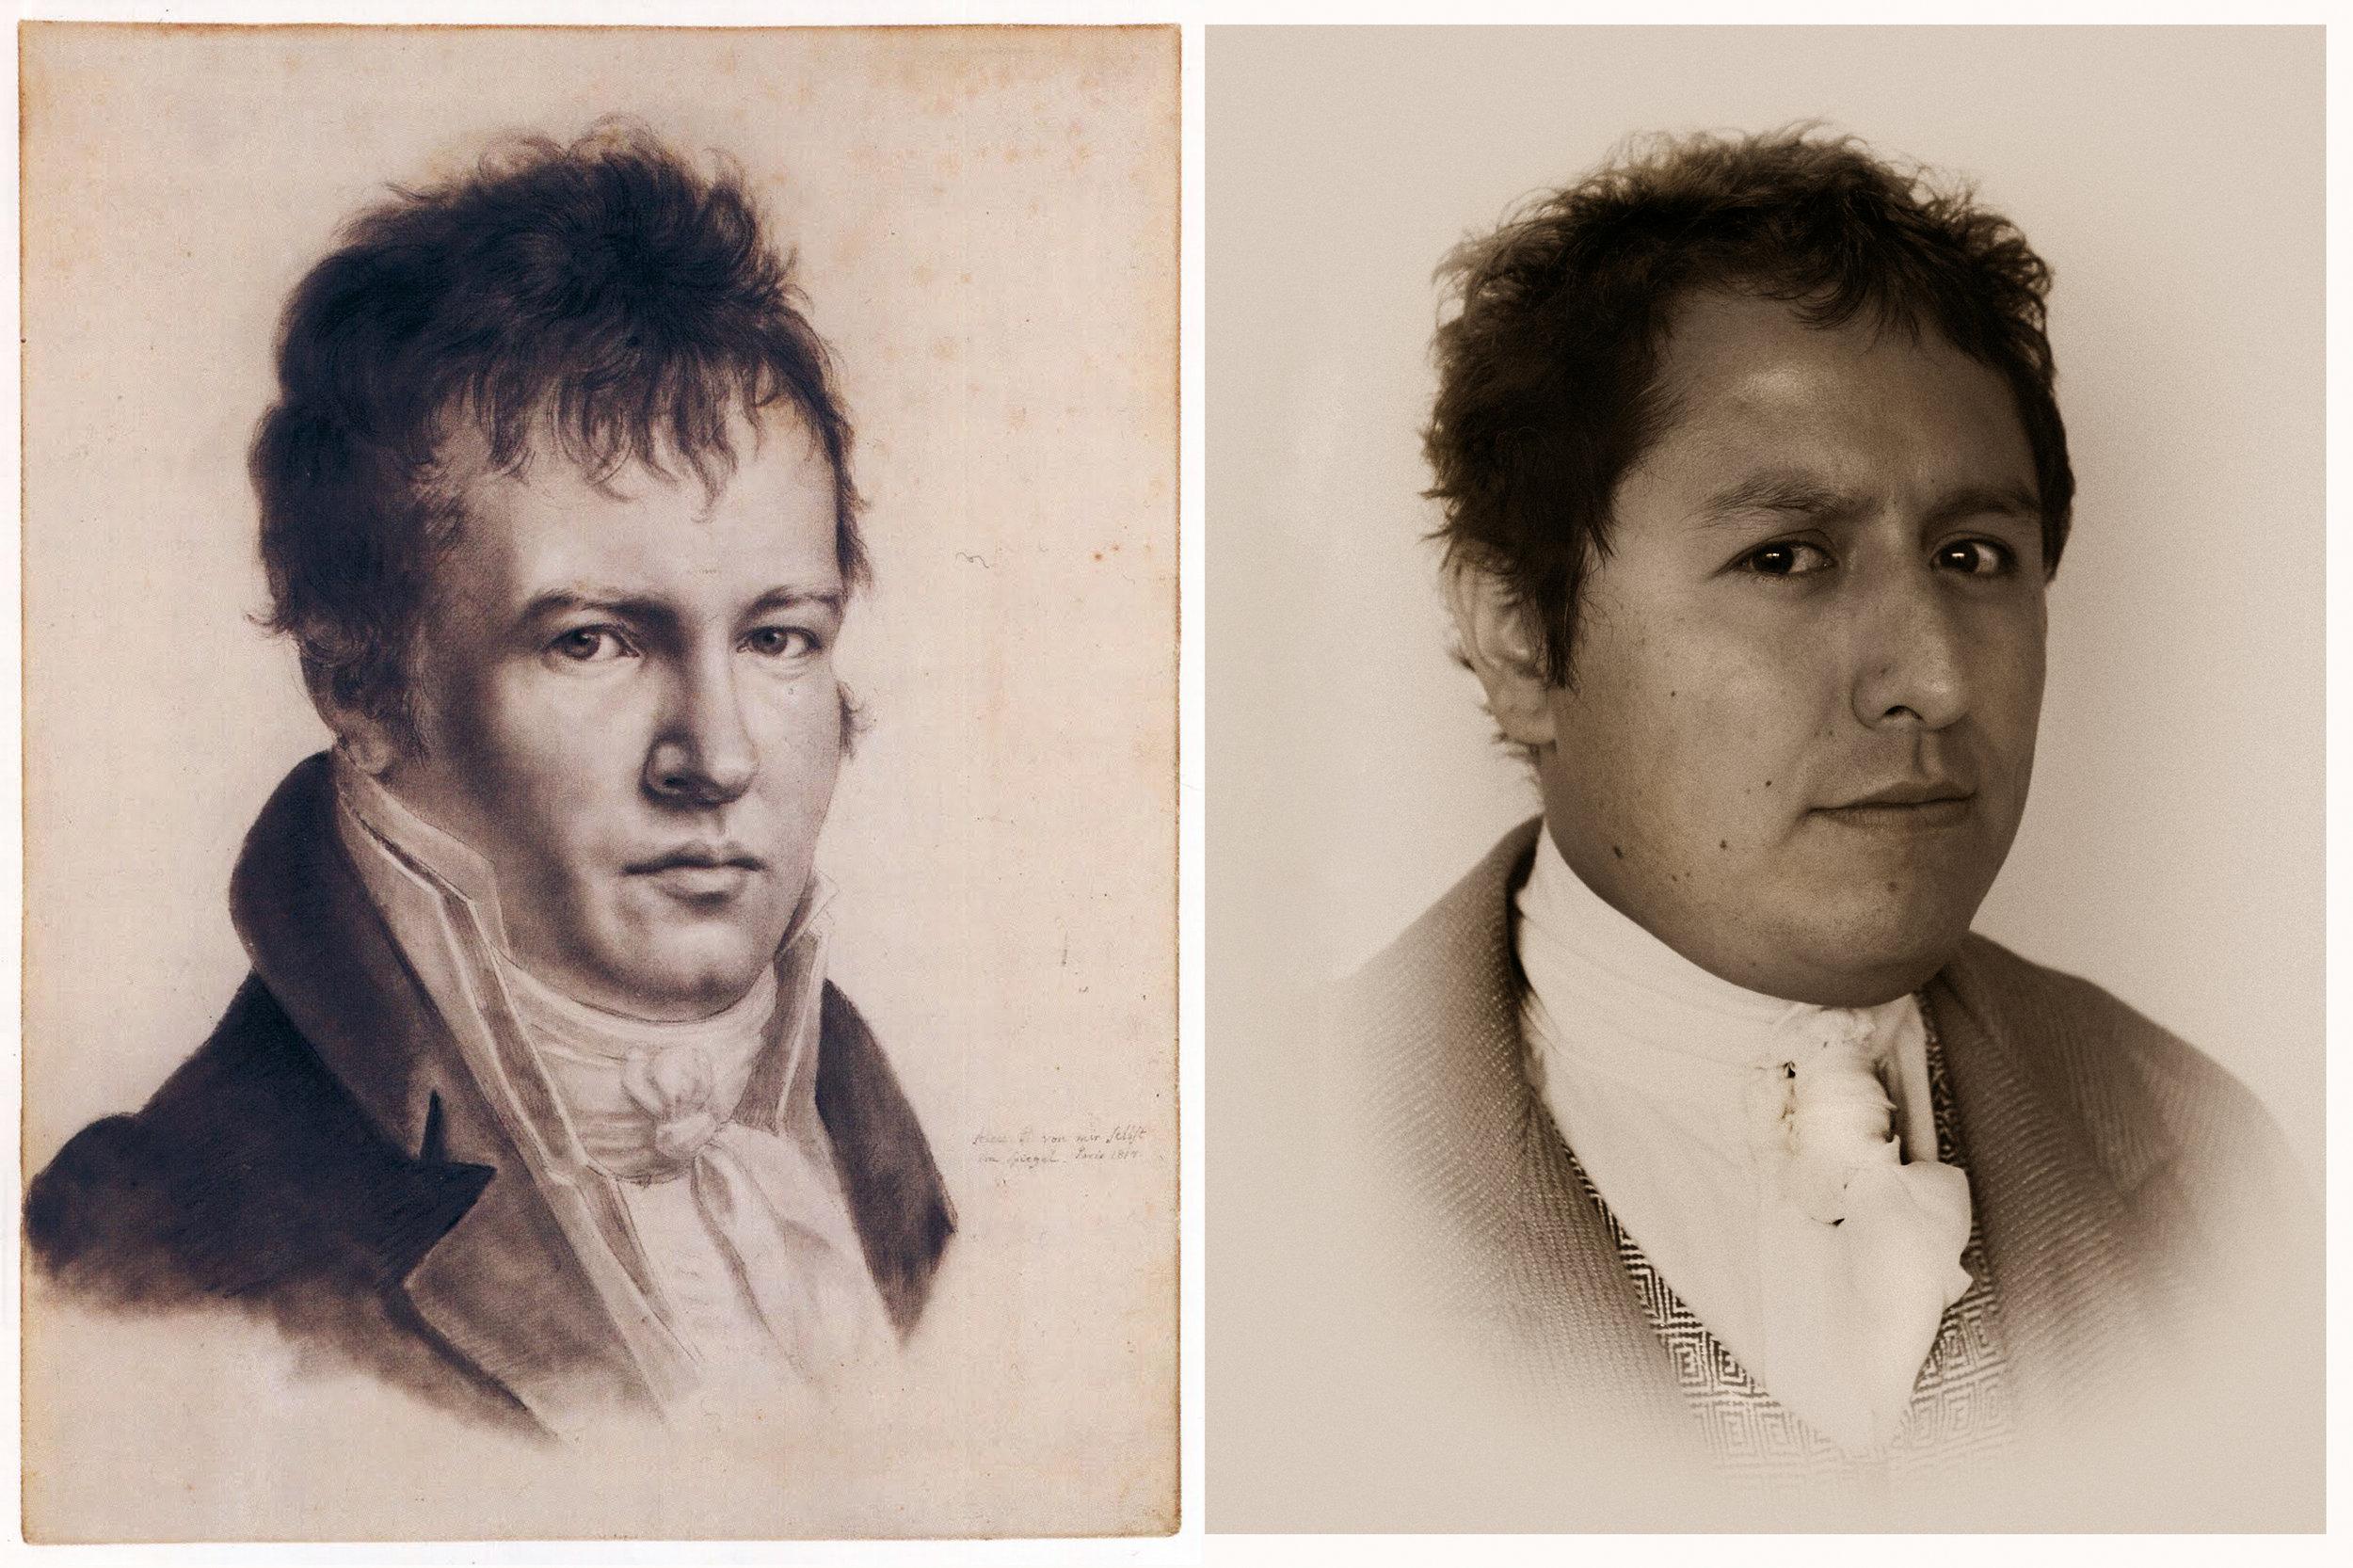 Alexandre de Humboldt,  Autoretrato , 1814, París. ©Winterstein Collection.  Fabiano Kueva,  Retrato  por  Gonzalo Vargas M. , 2012, Quito. ©AAVH.